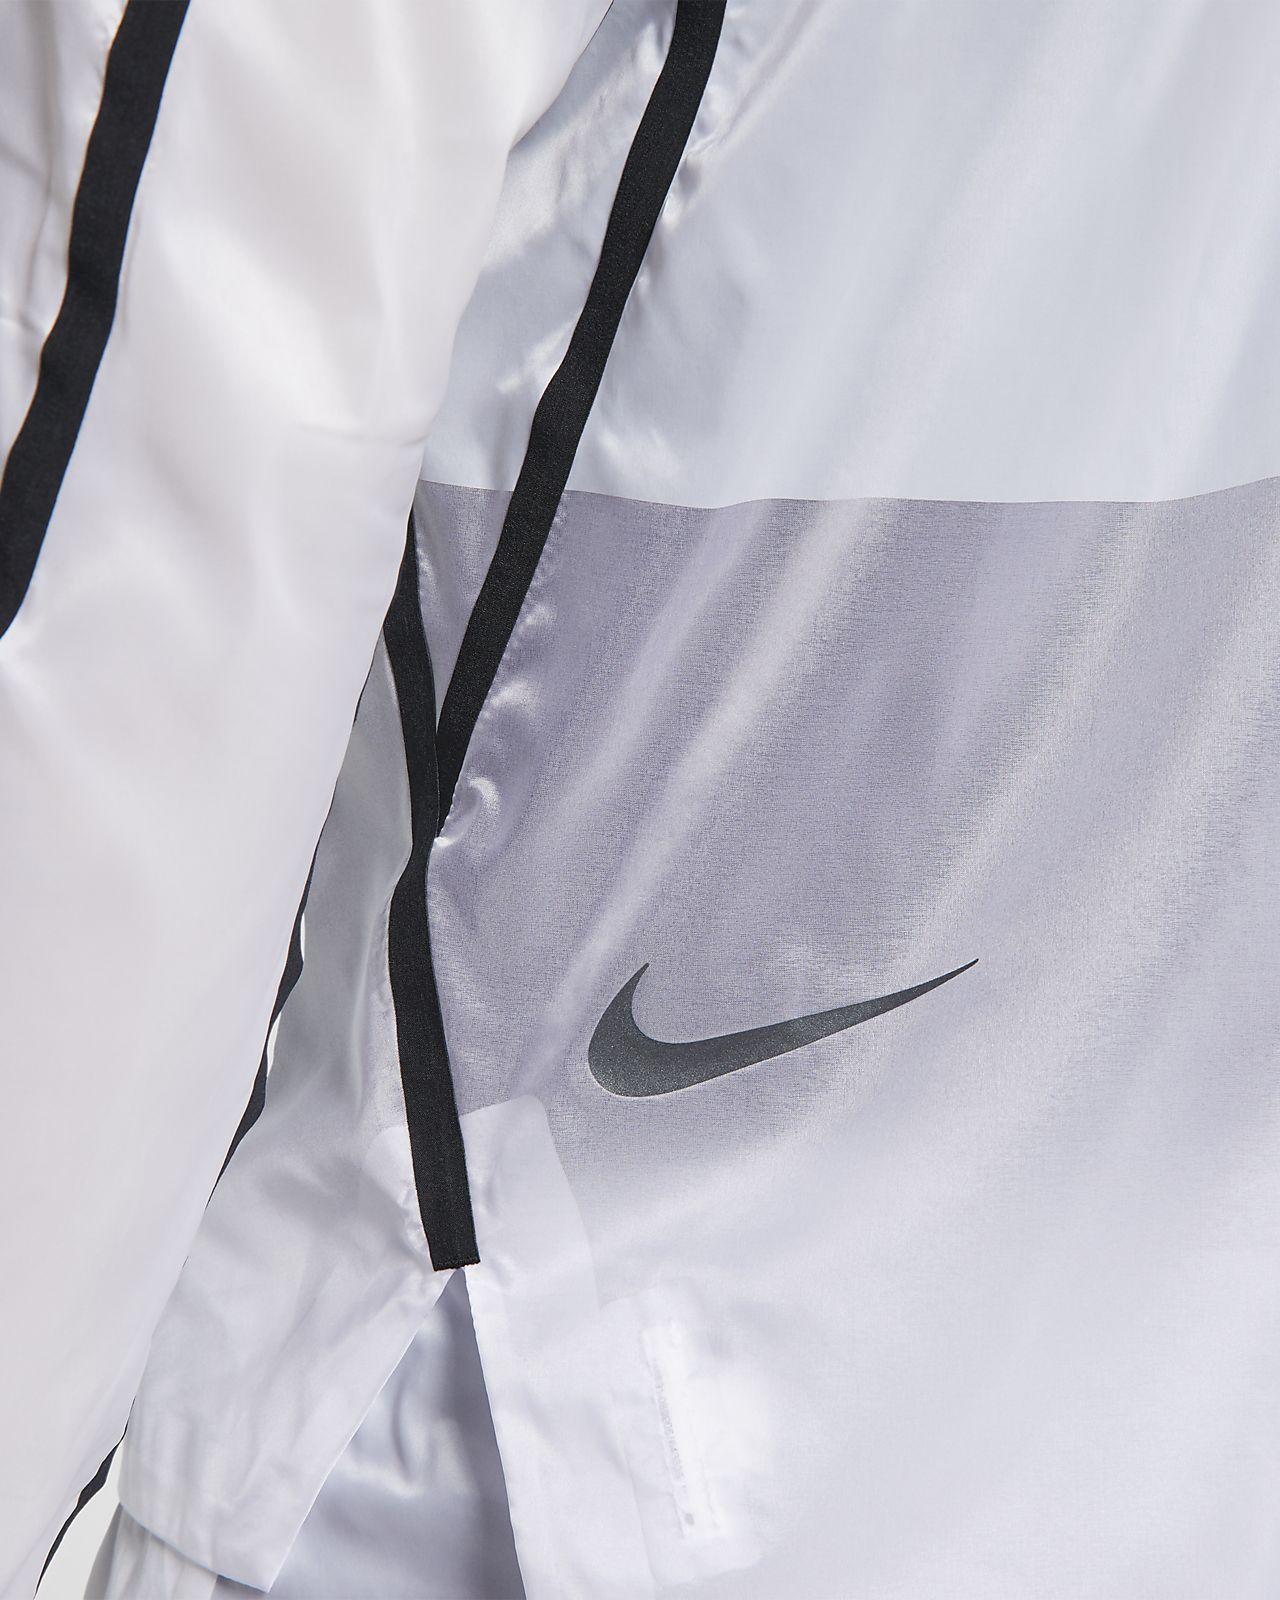 Orig €130 Nike THERMA SPHERE TECH PACK Running Hoodie